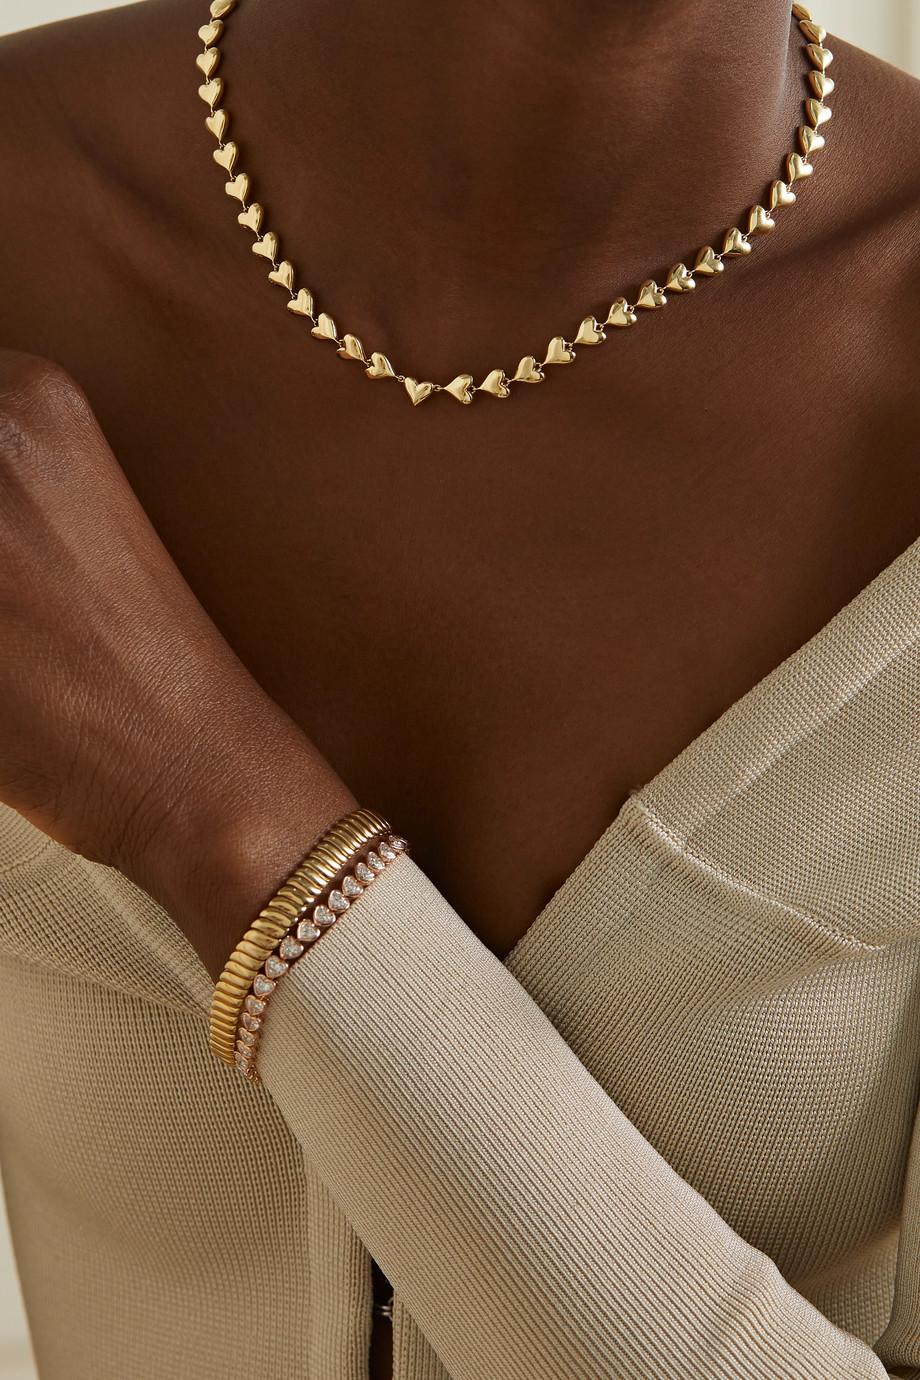 Anita Ko 18-karat gold choker